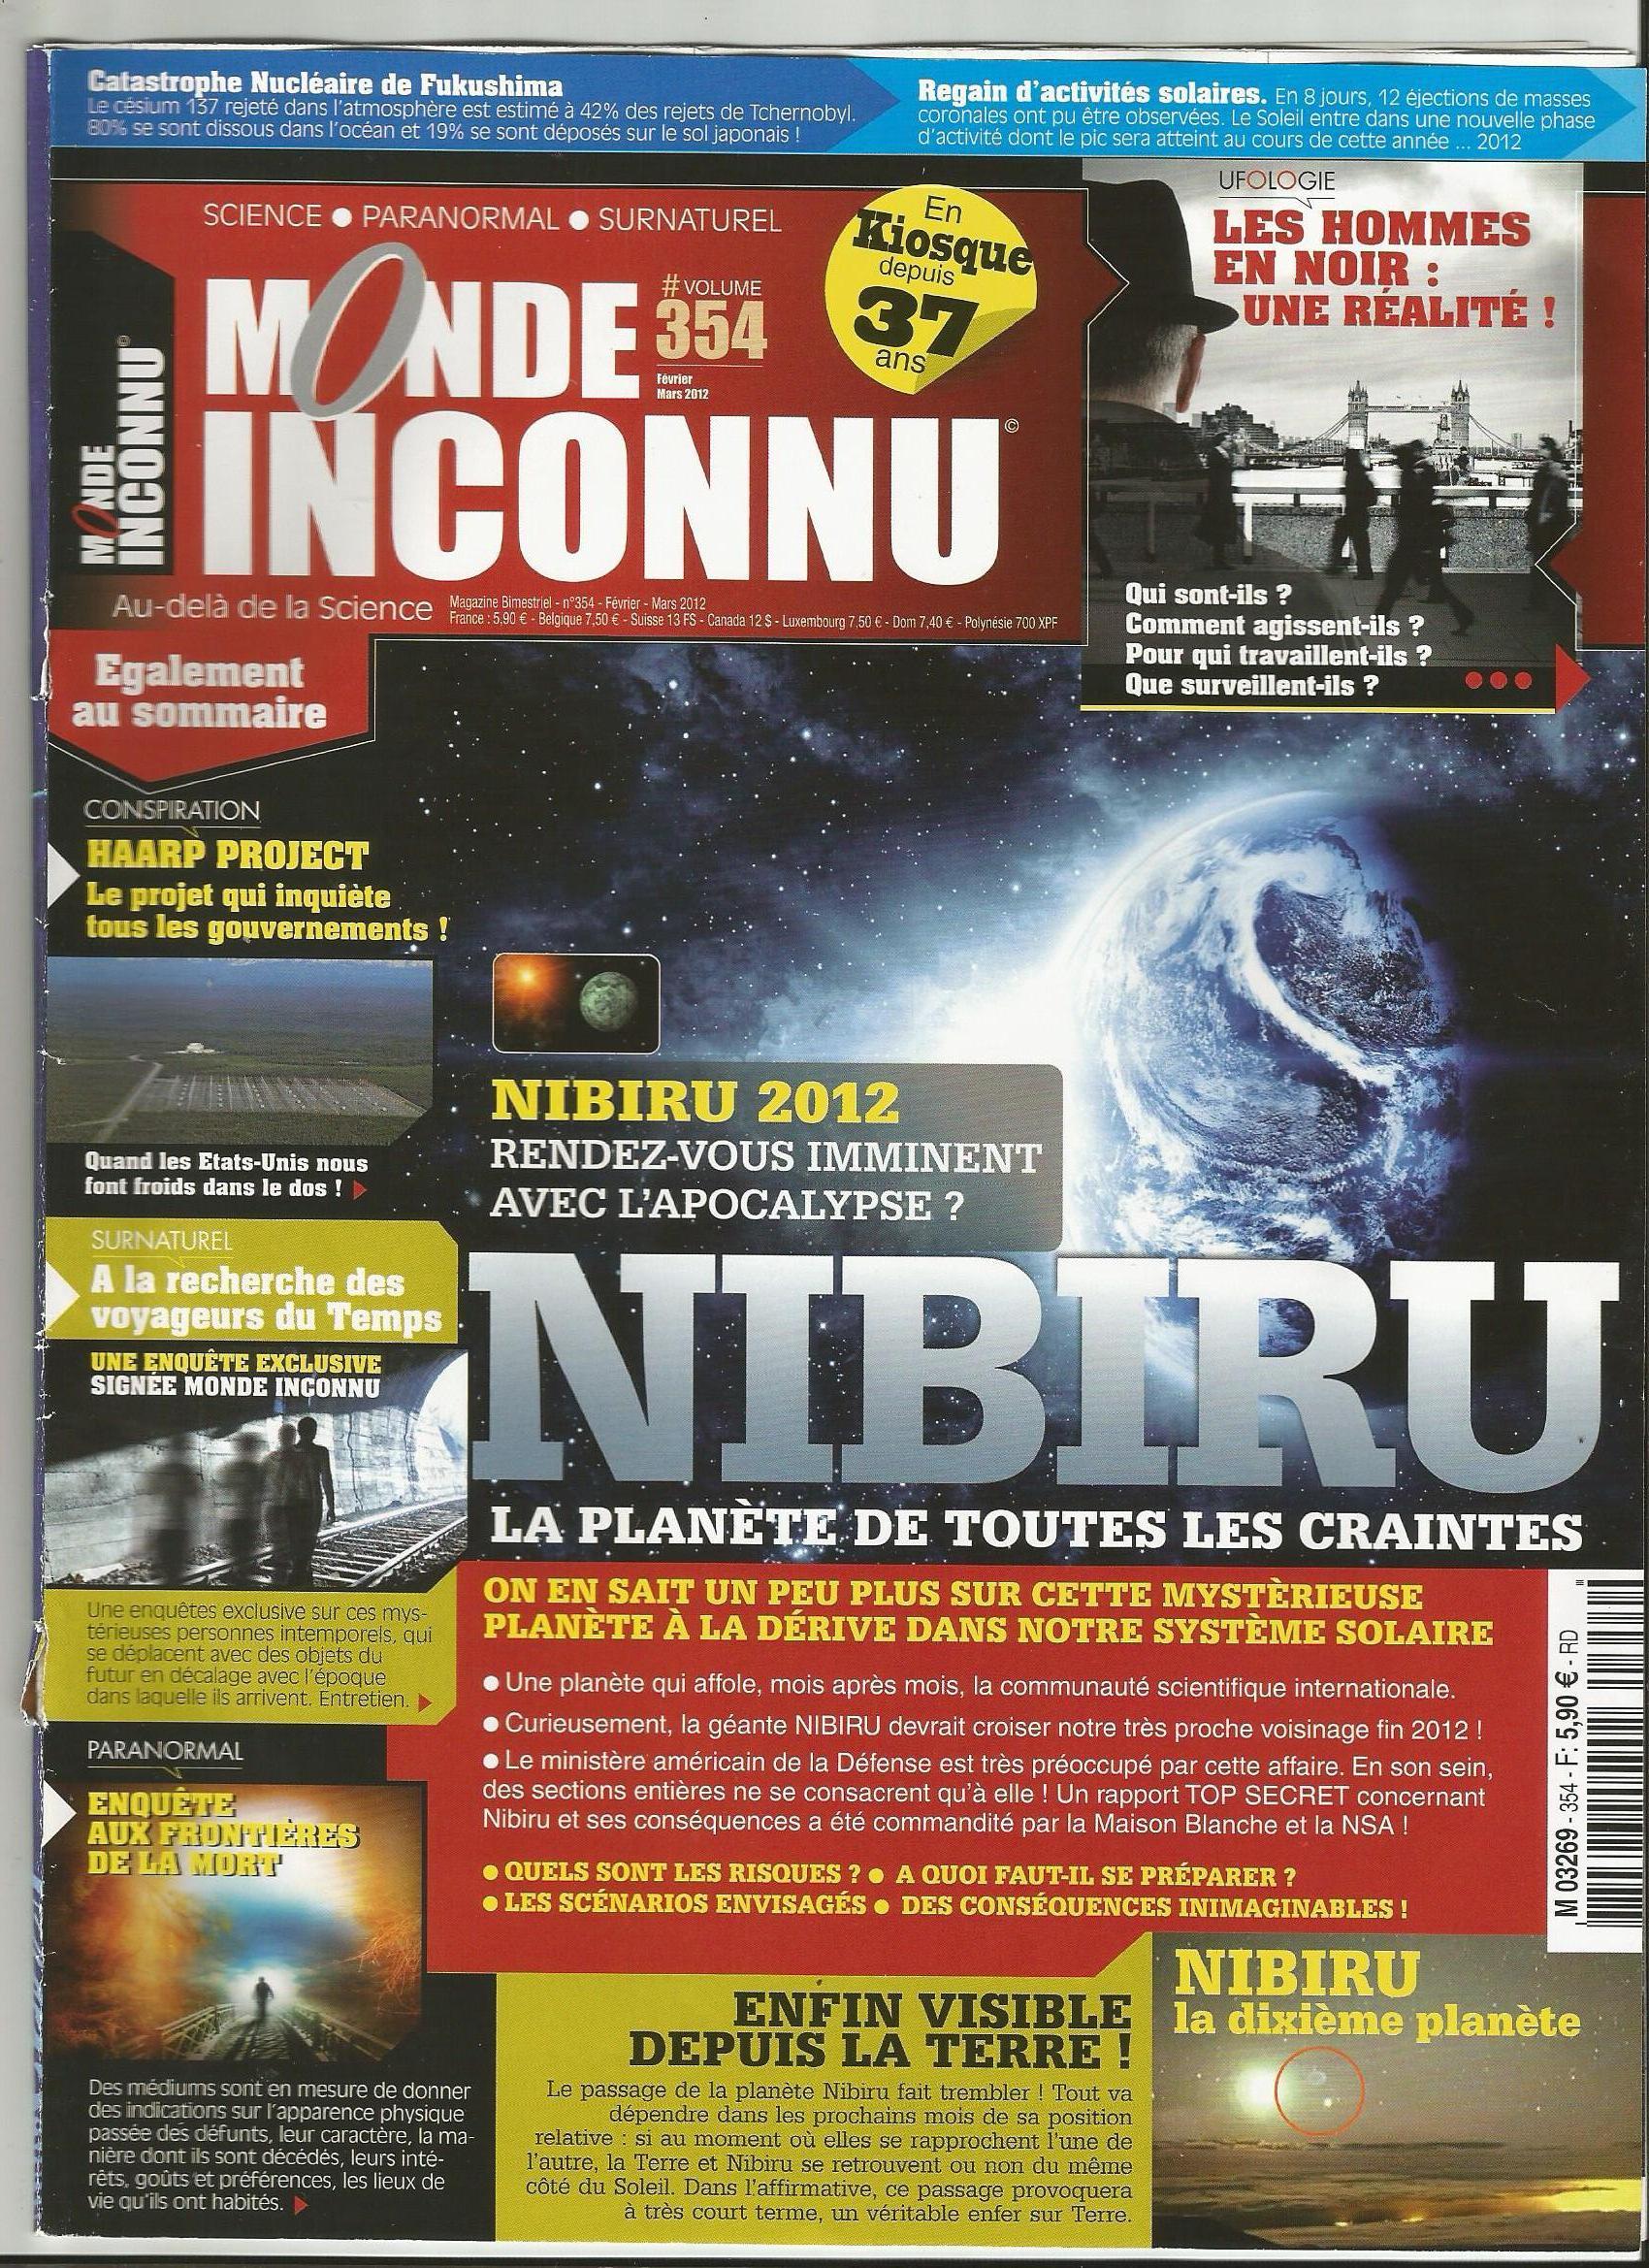 MONDE_INCONNU_N°354__FEVRIER-MARS_2012